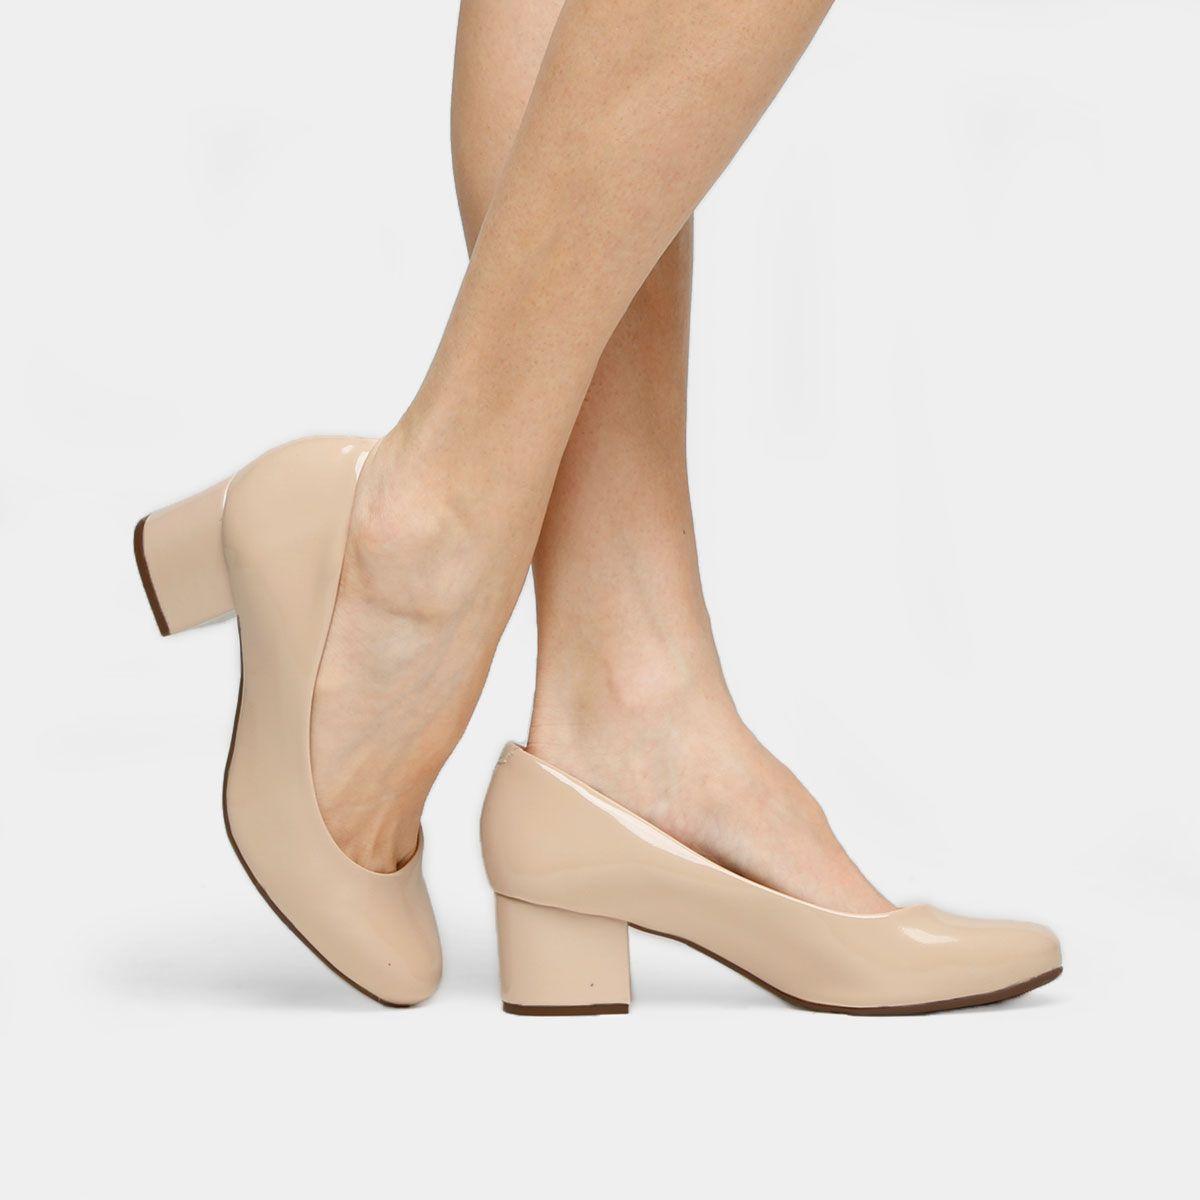 47c18b11ccc62 Compre Scarpin Vizzano Salto Bloco Nude na Zattini a nova loja de moda  online da Netshoes